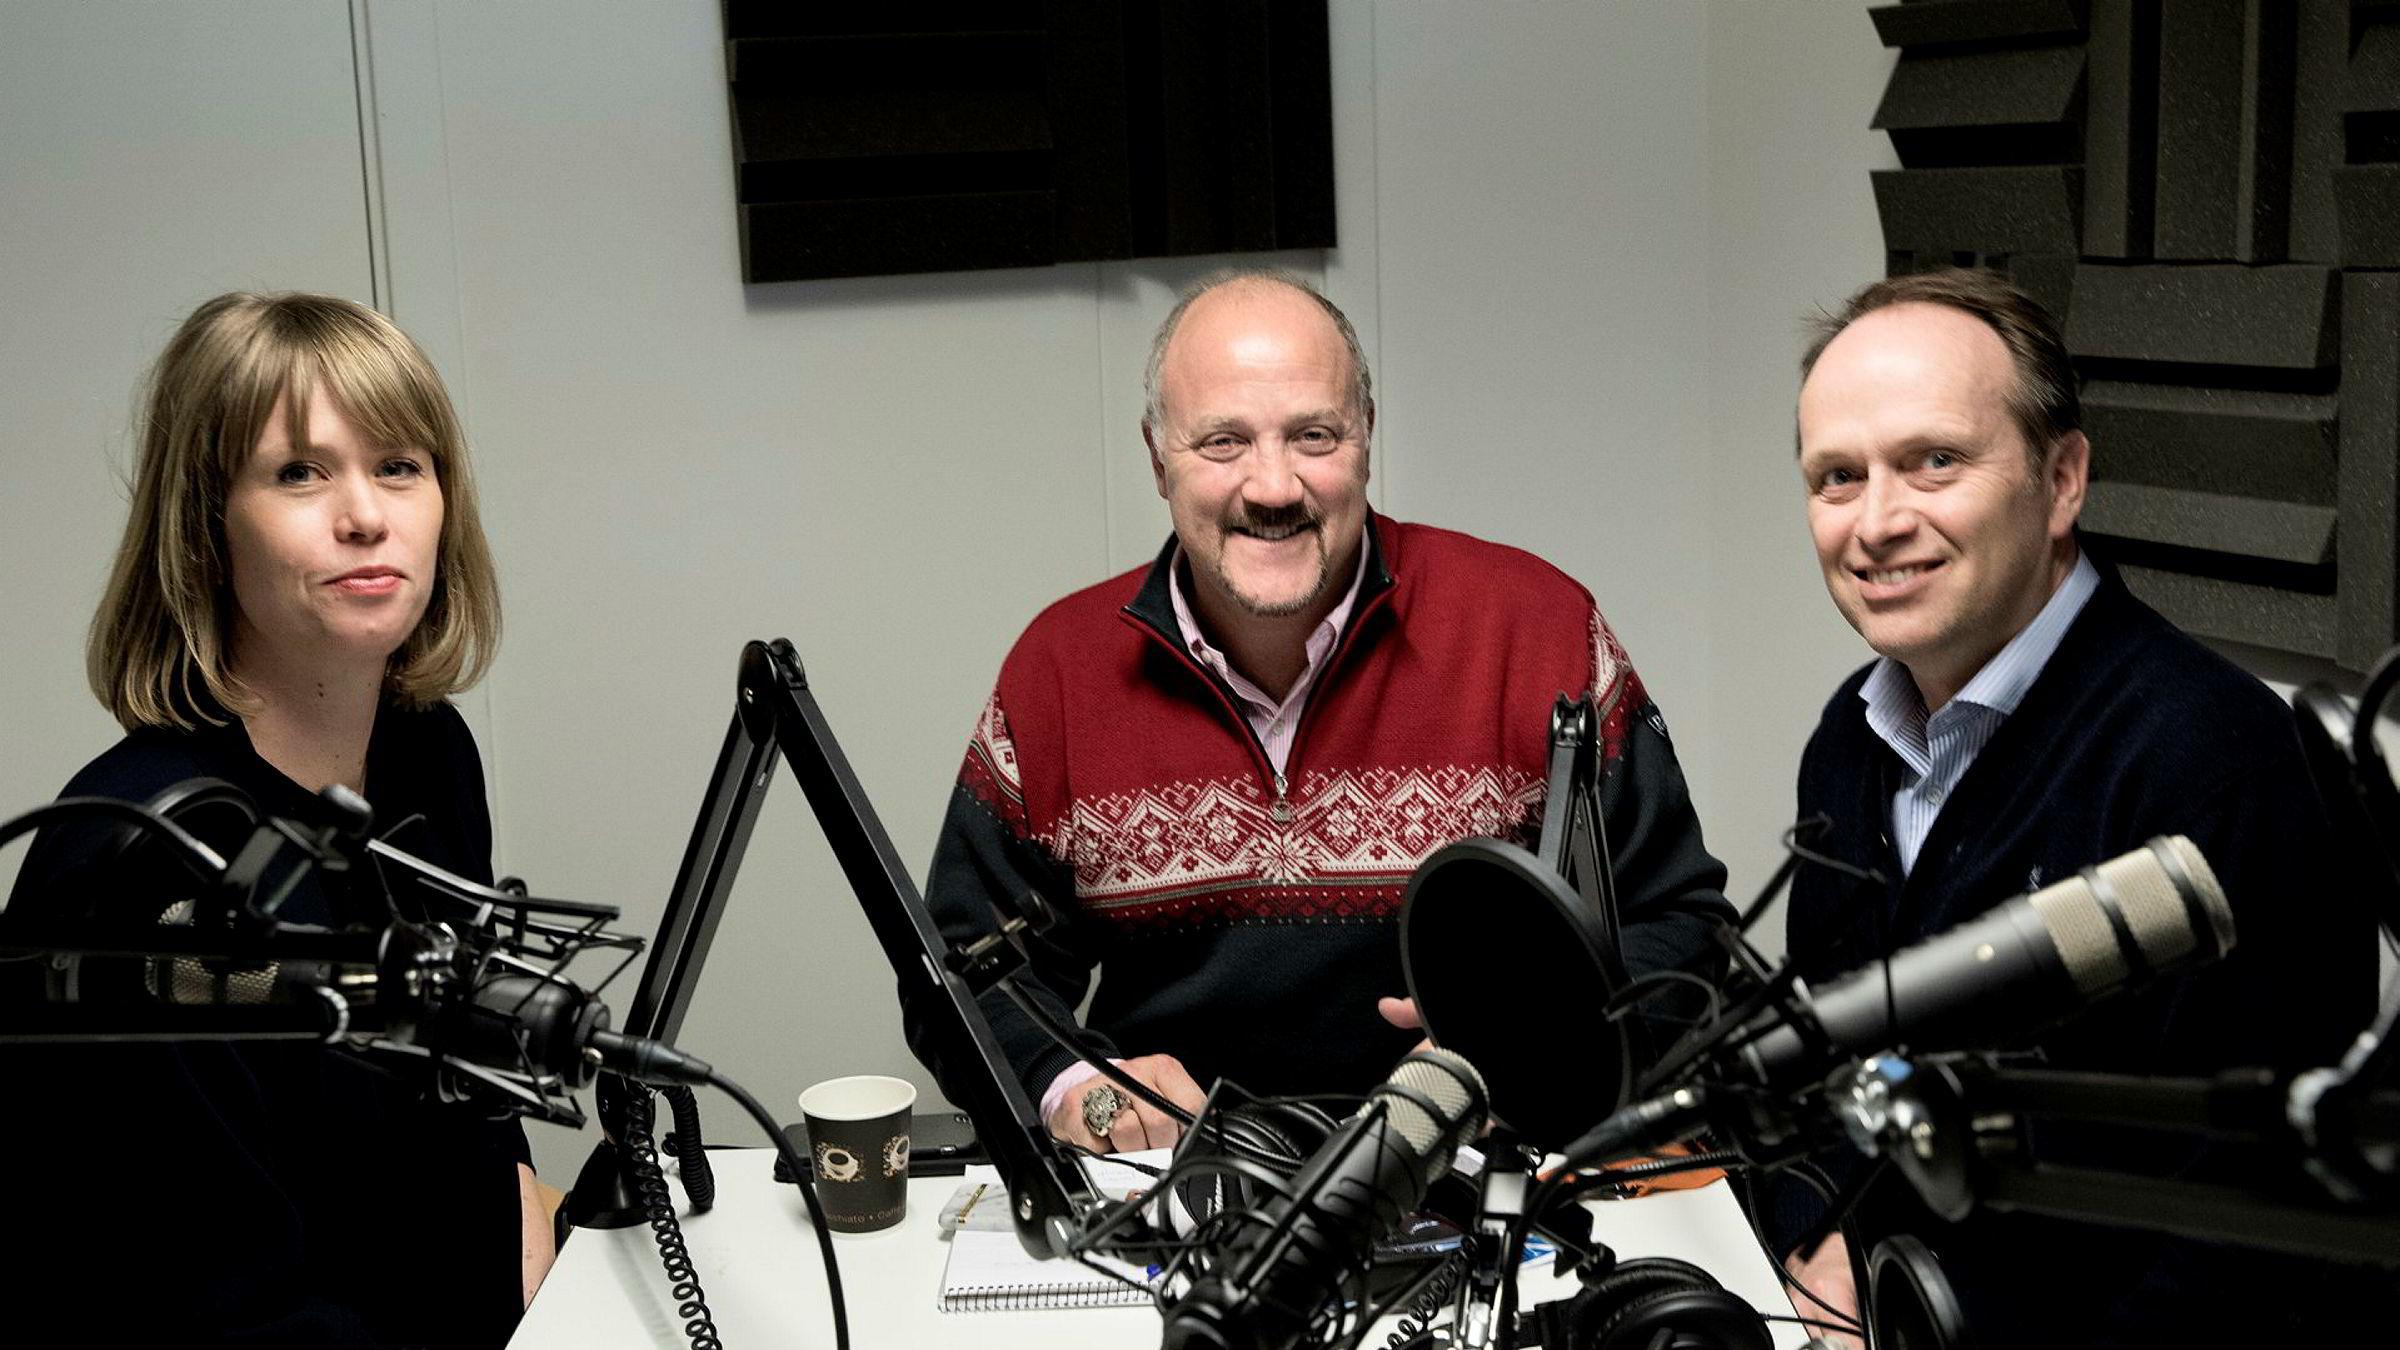 DNs podkast «Finansredaksjonen» tar for seg historien til bankmannen Bradley Birkenfeld (i midten). Han snakker med DNs Marte Ramuz Eriksen og Gøran Skaalmo.